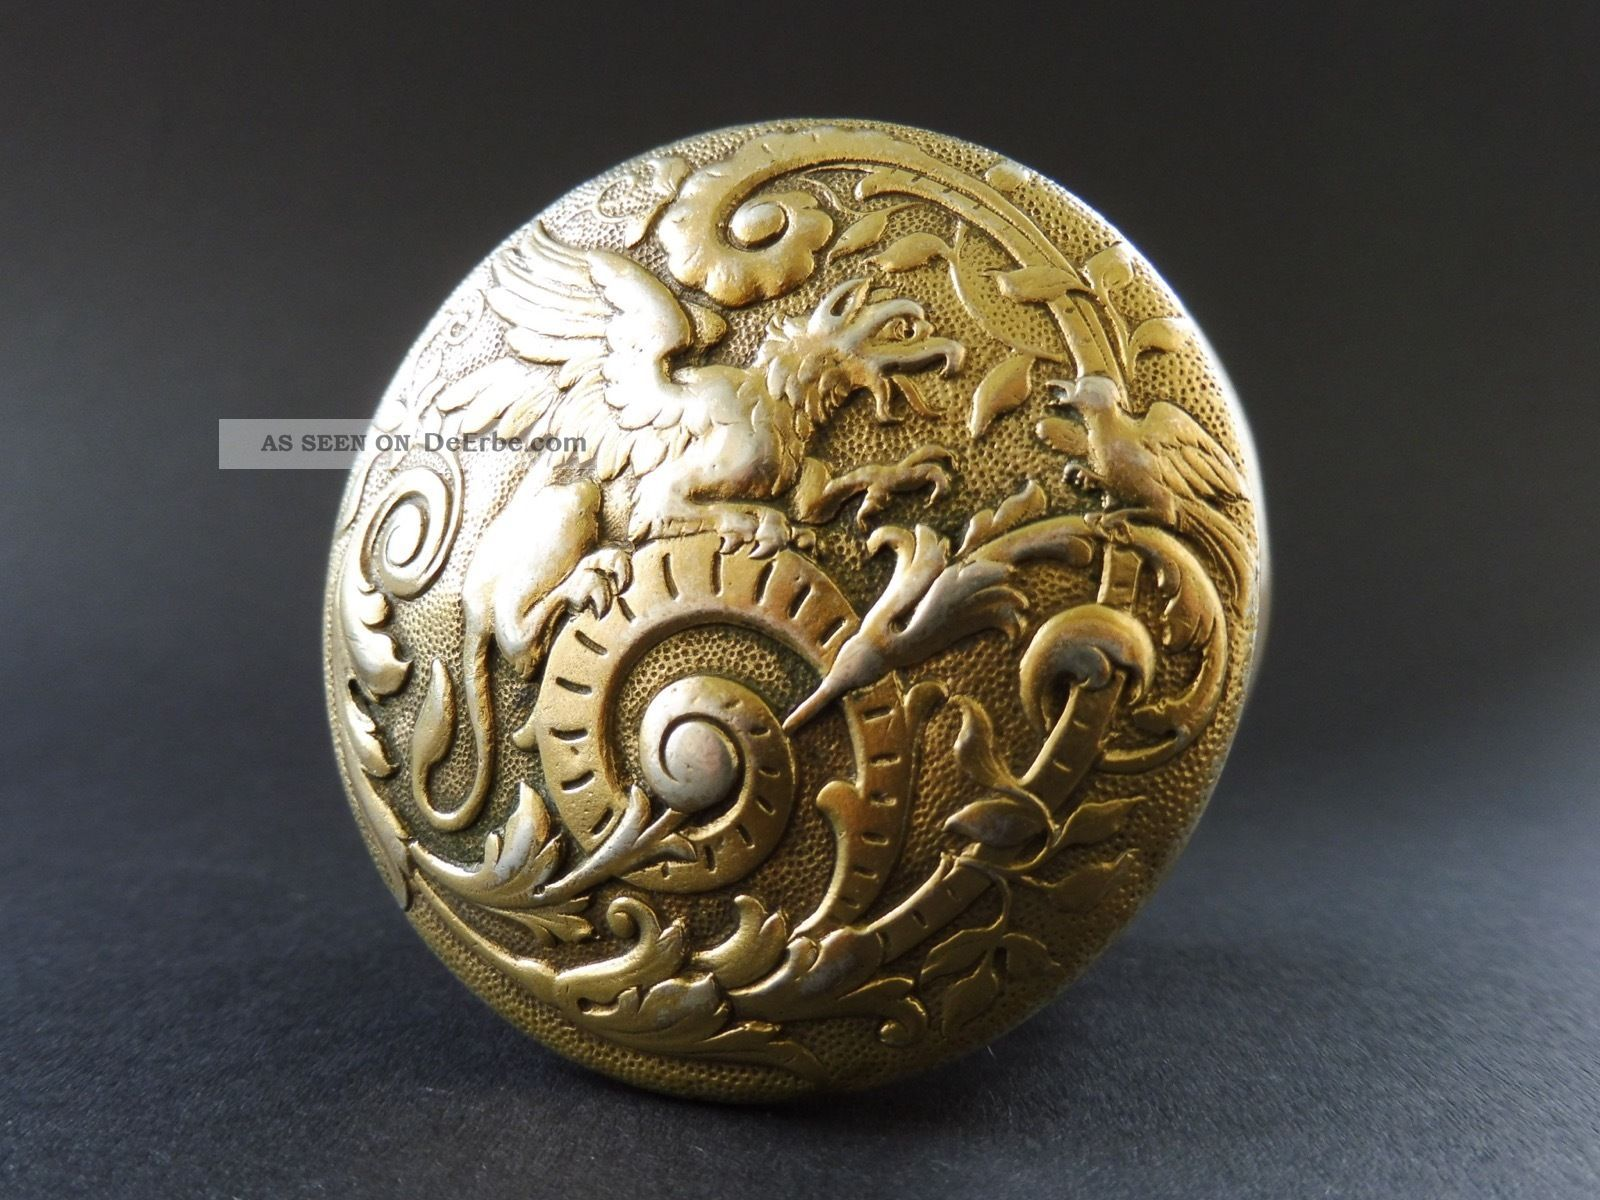 Jugendstil Sterling Silber Dose Pillen Drache Floral Dragon Box Gold Art Nouveau Objekte vor 1945 Bild